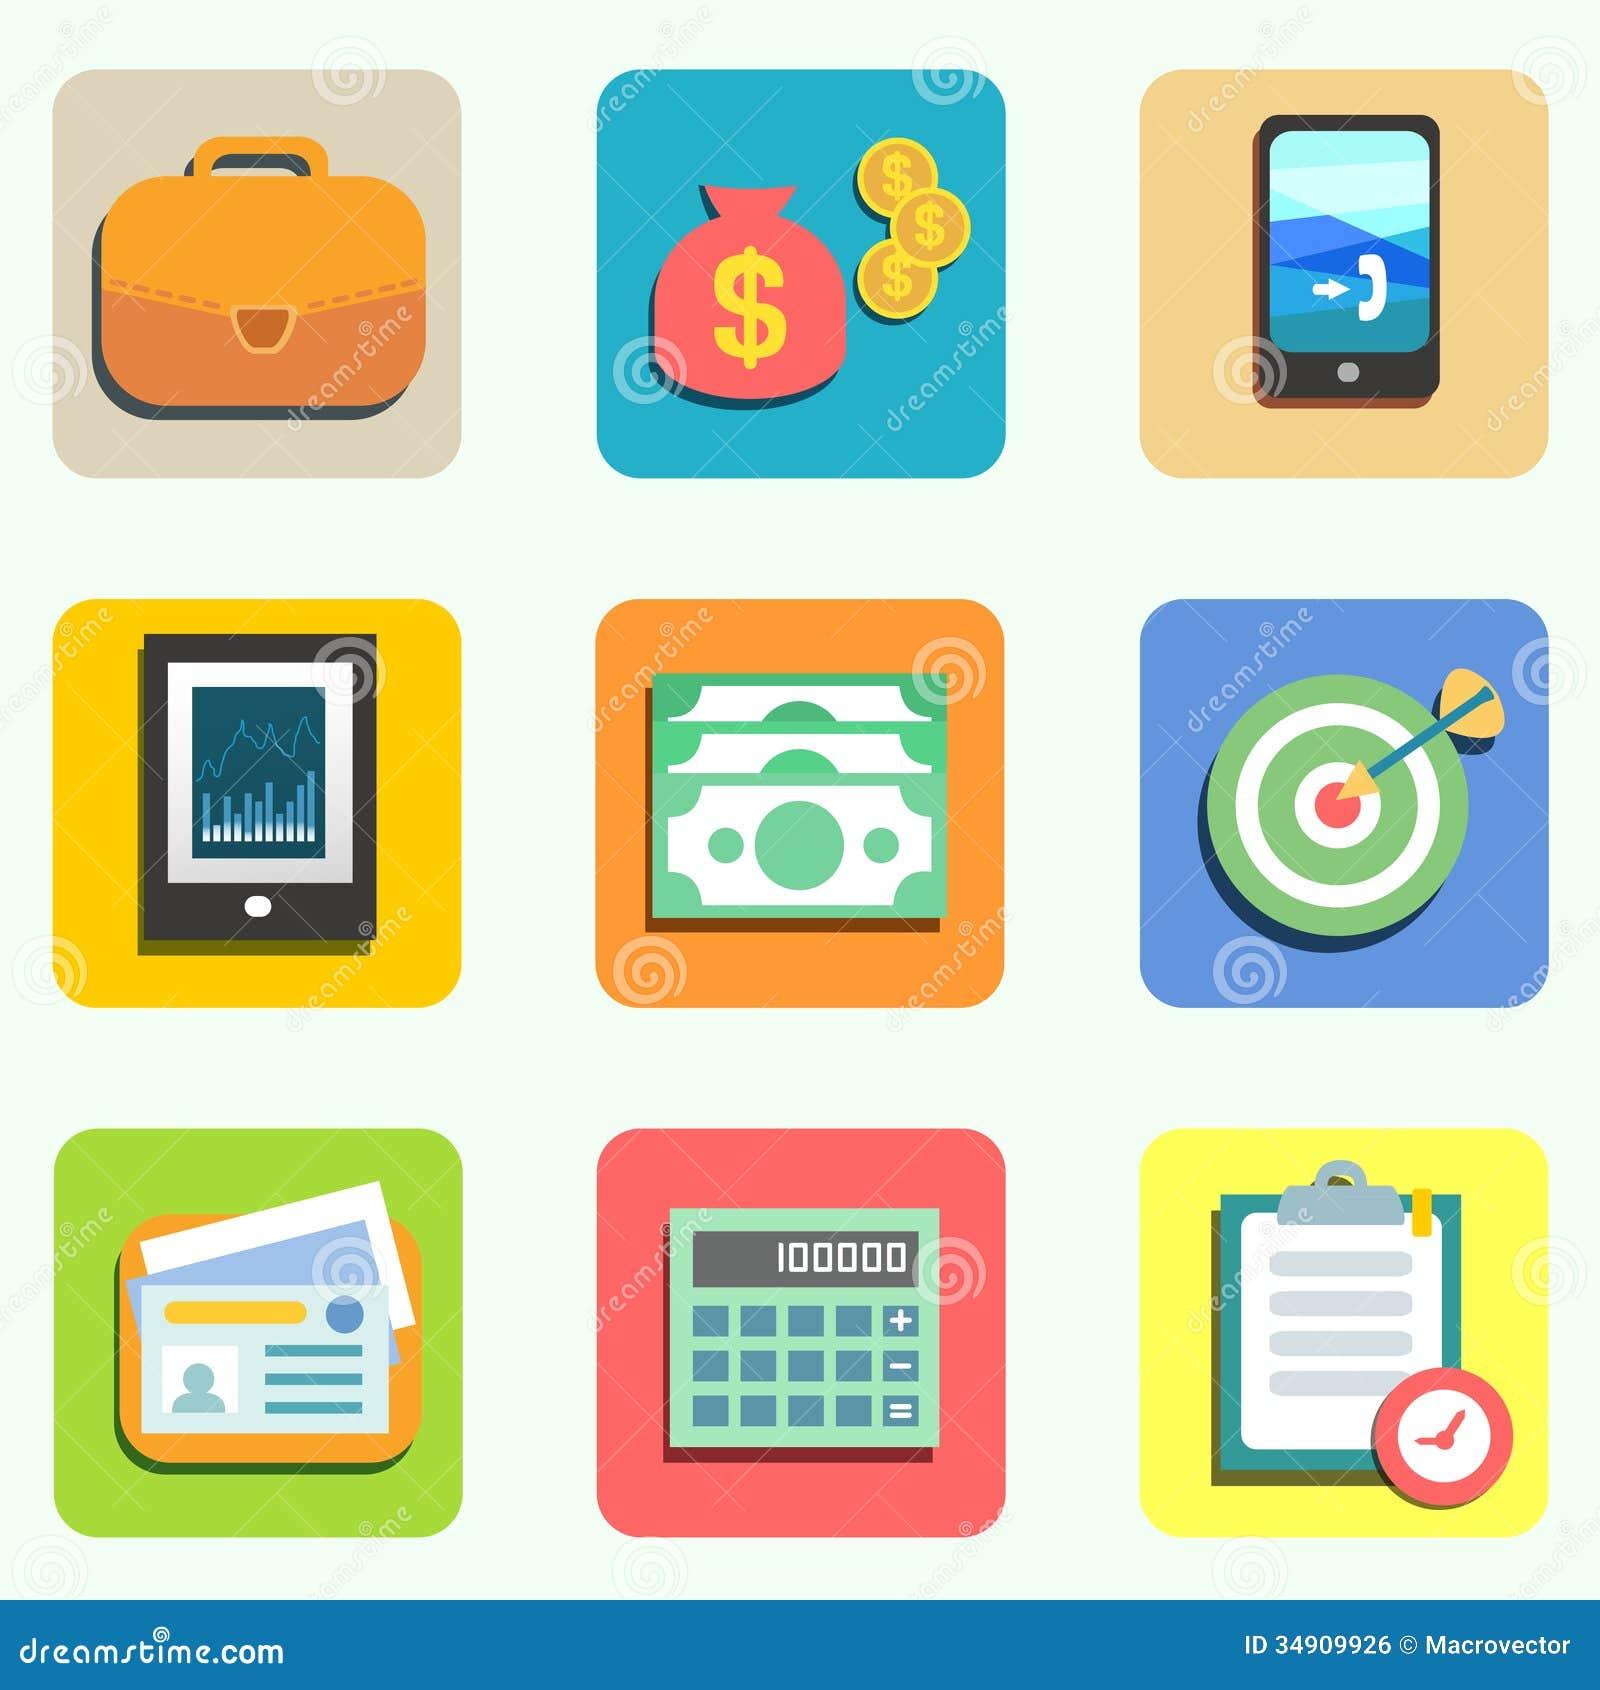 Finance Flat Icons Royalty Free Stock Image - Image: 34909926